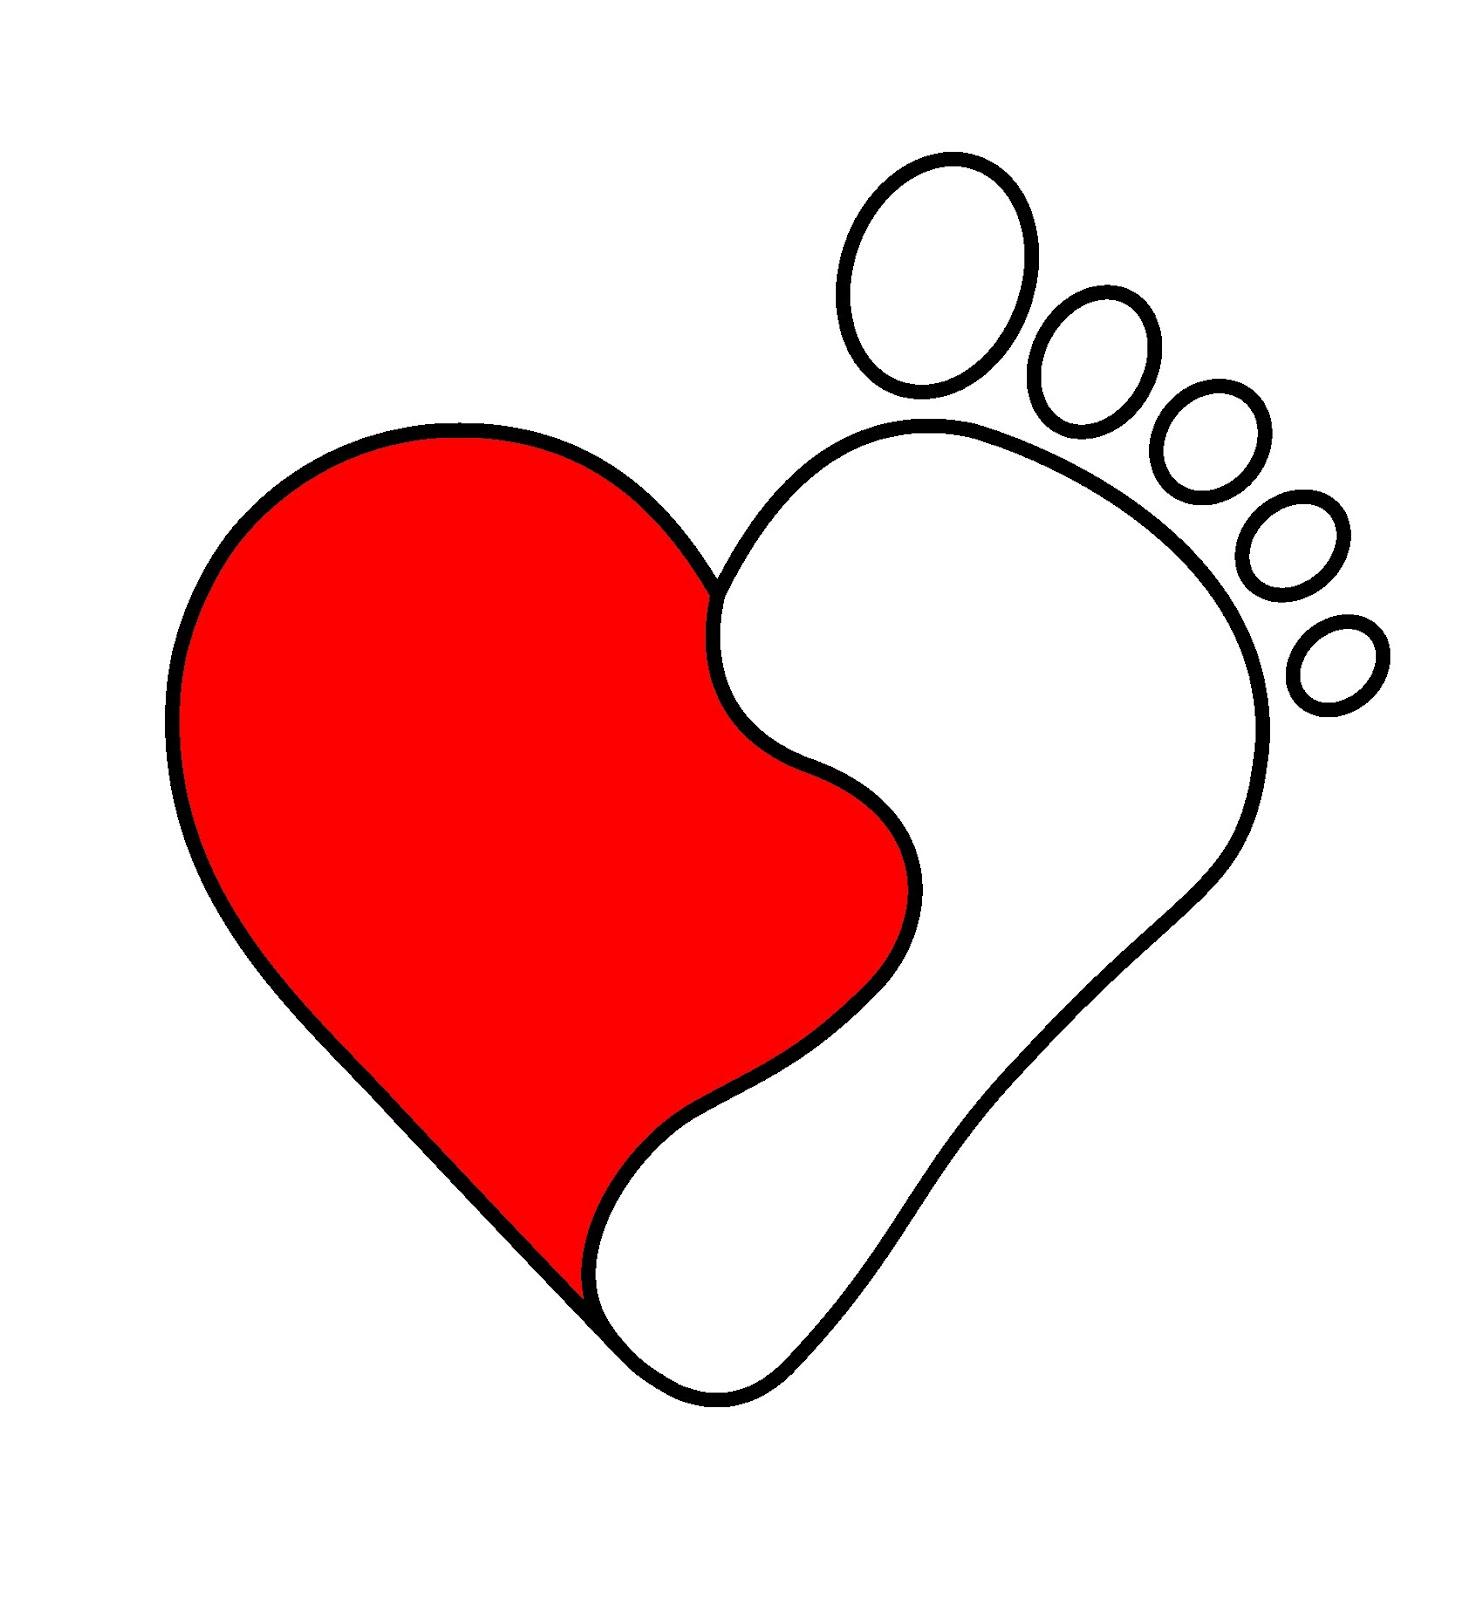 Heart walk clipart.